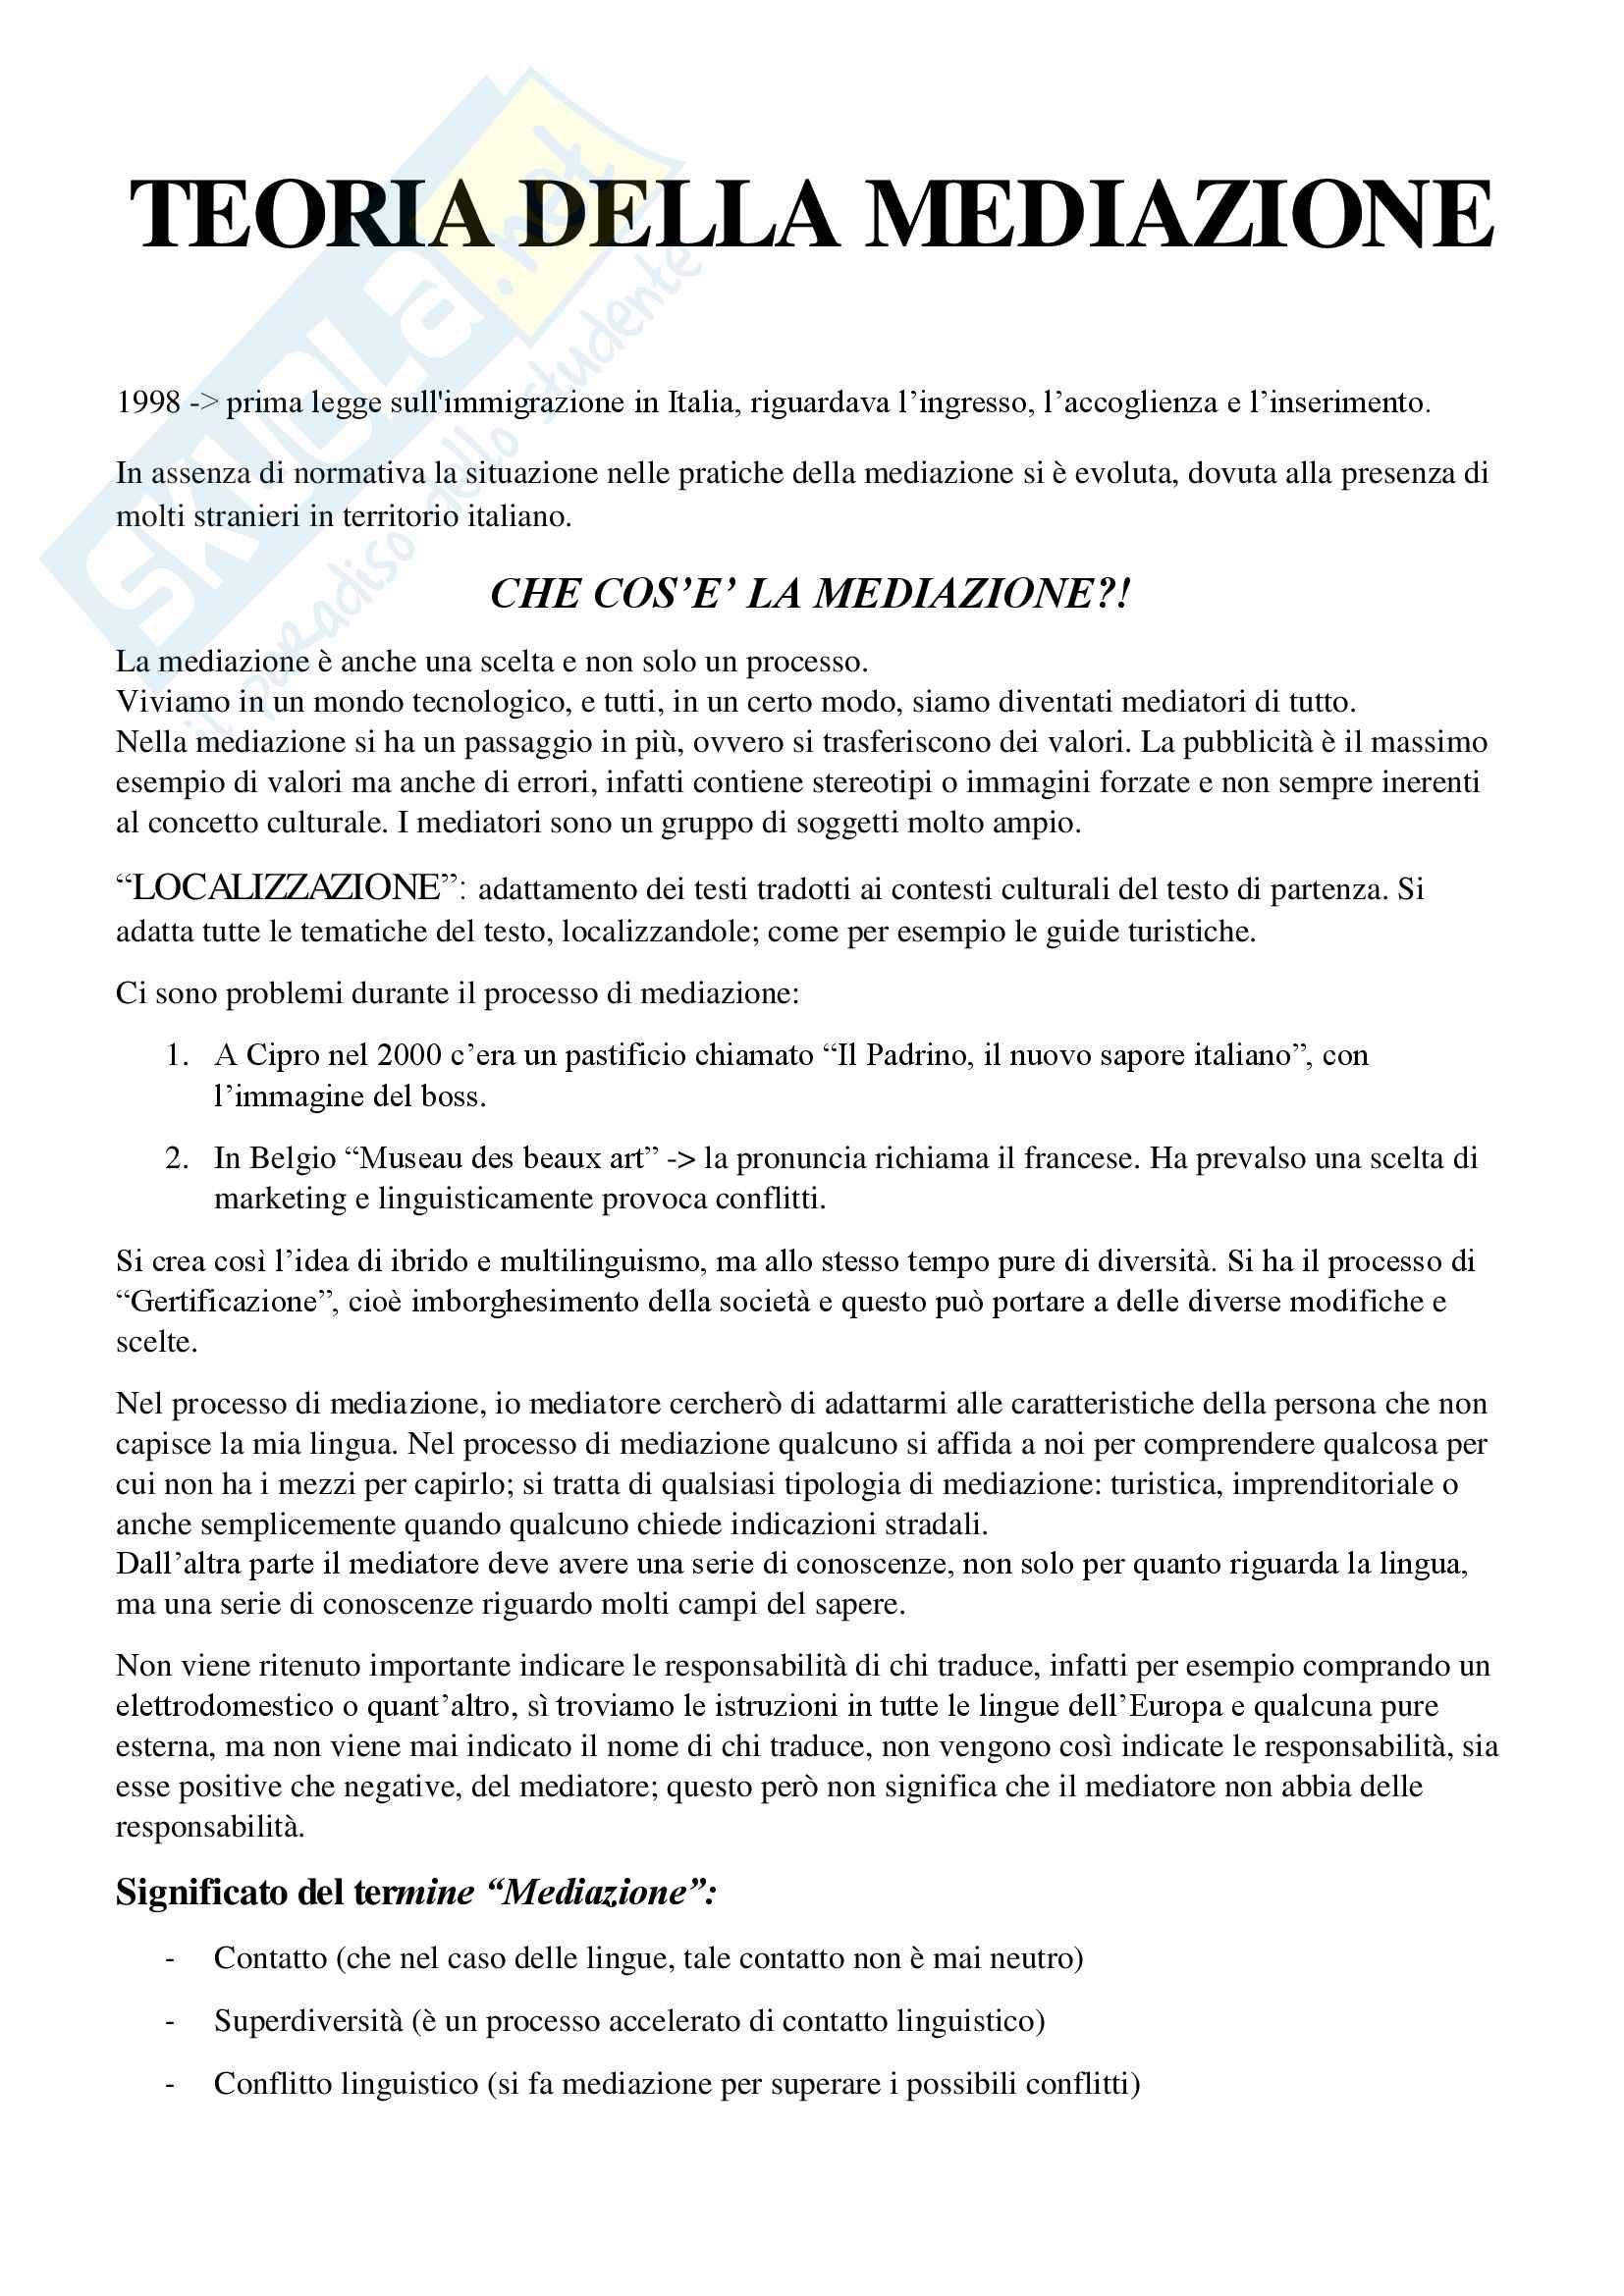 Appunti completi esame Teoria della mediazione, prof. Machetti, prof. Bagna